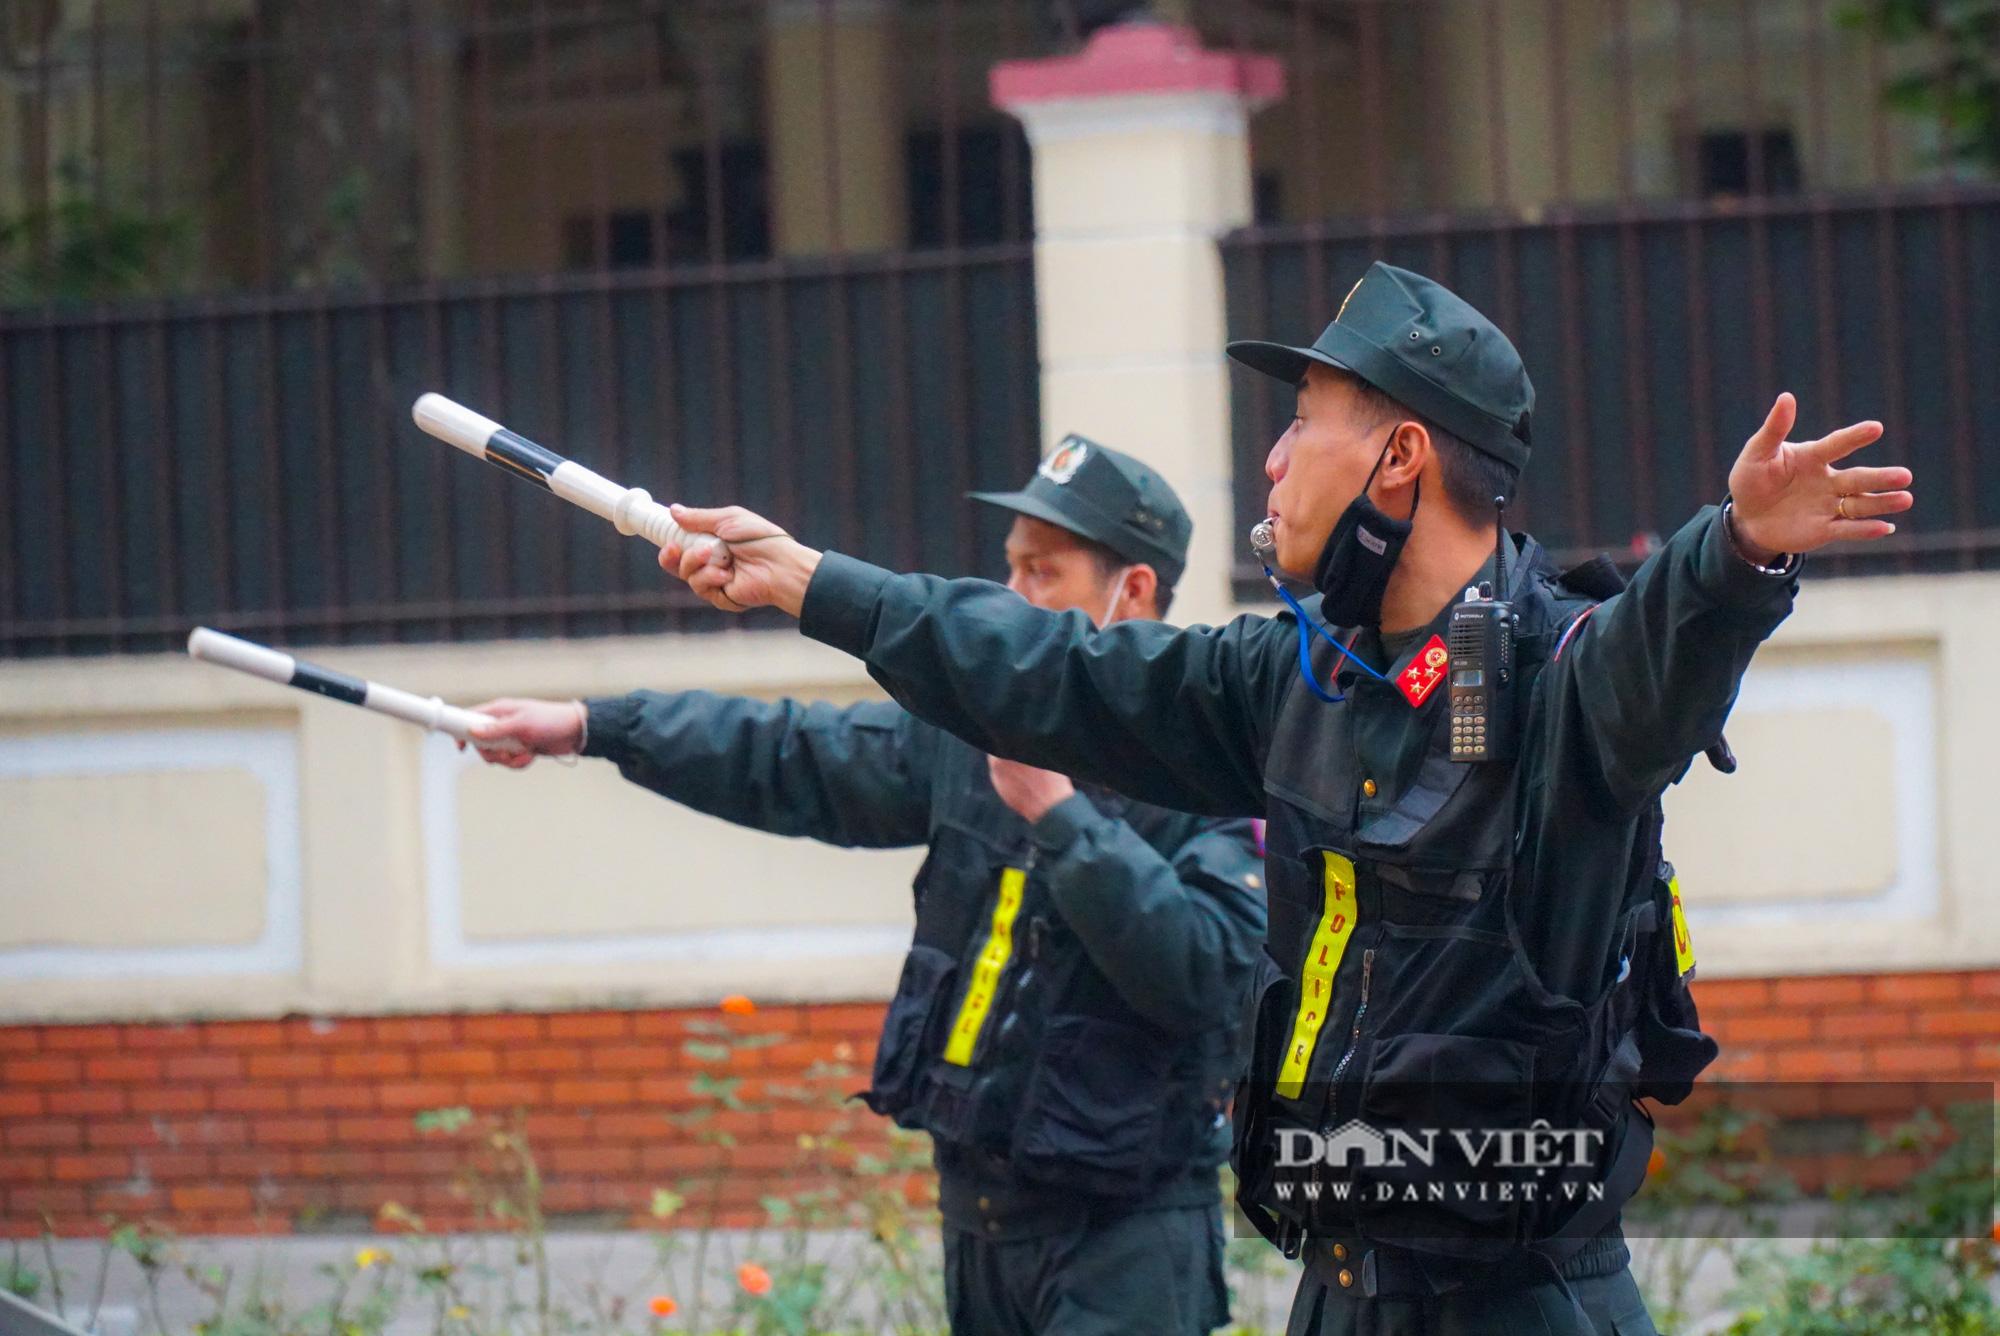 Hình ảnh đoàn xe đại biểu từ Lăng Bác về Trung tâm Hội nghị Quốc gia - Ảnh 7.